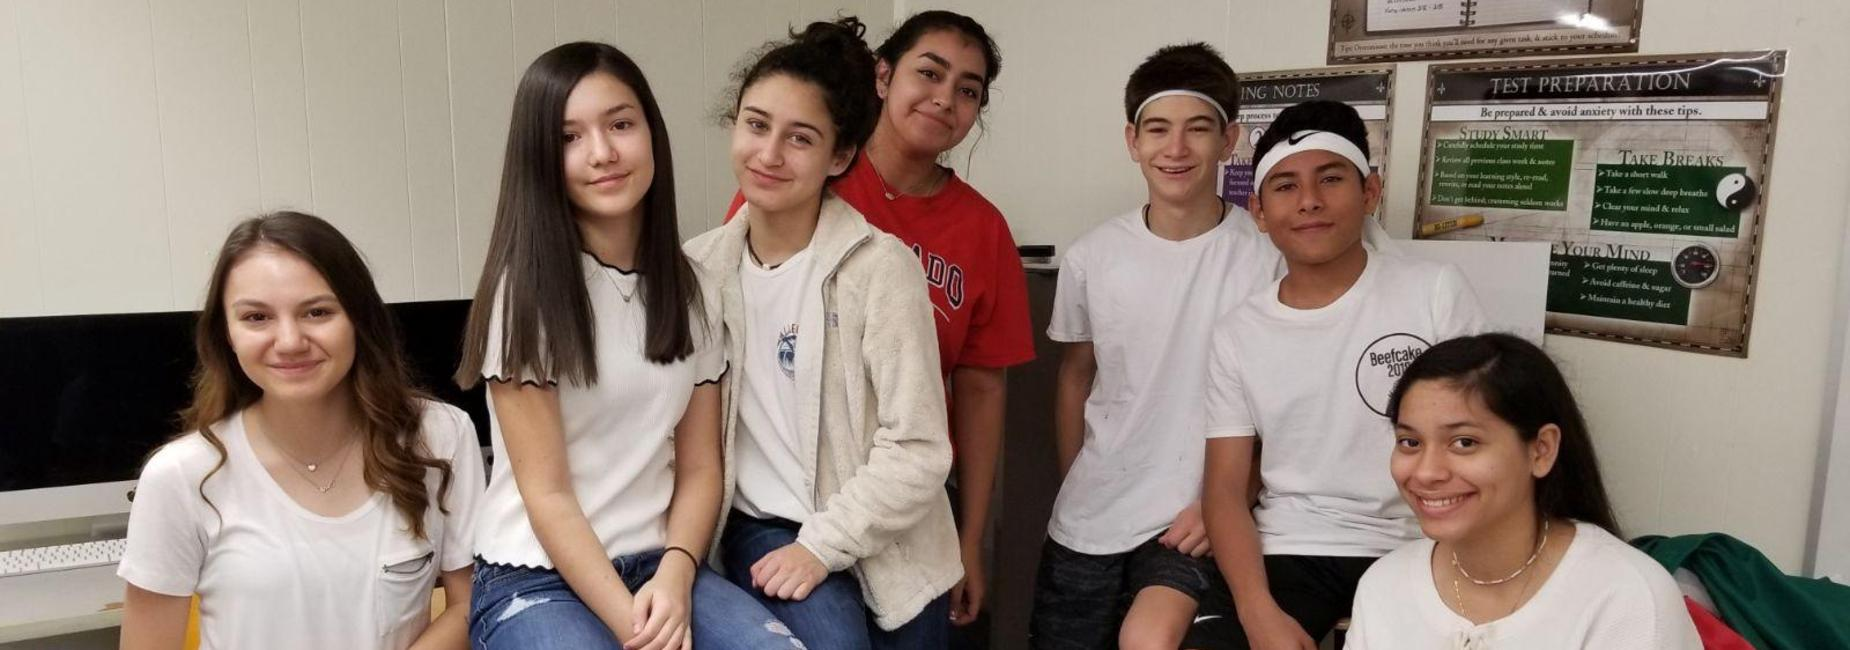 Lamar Students